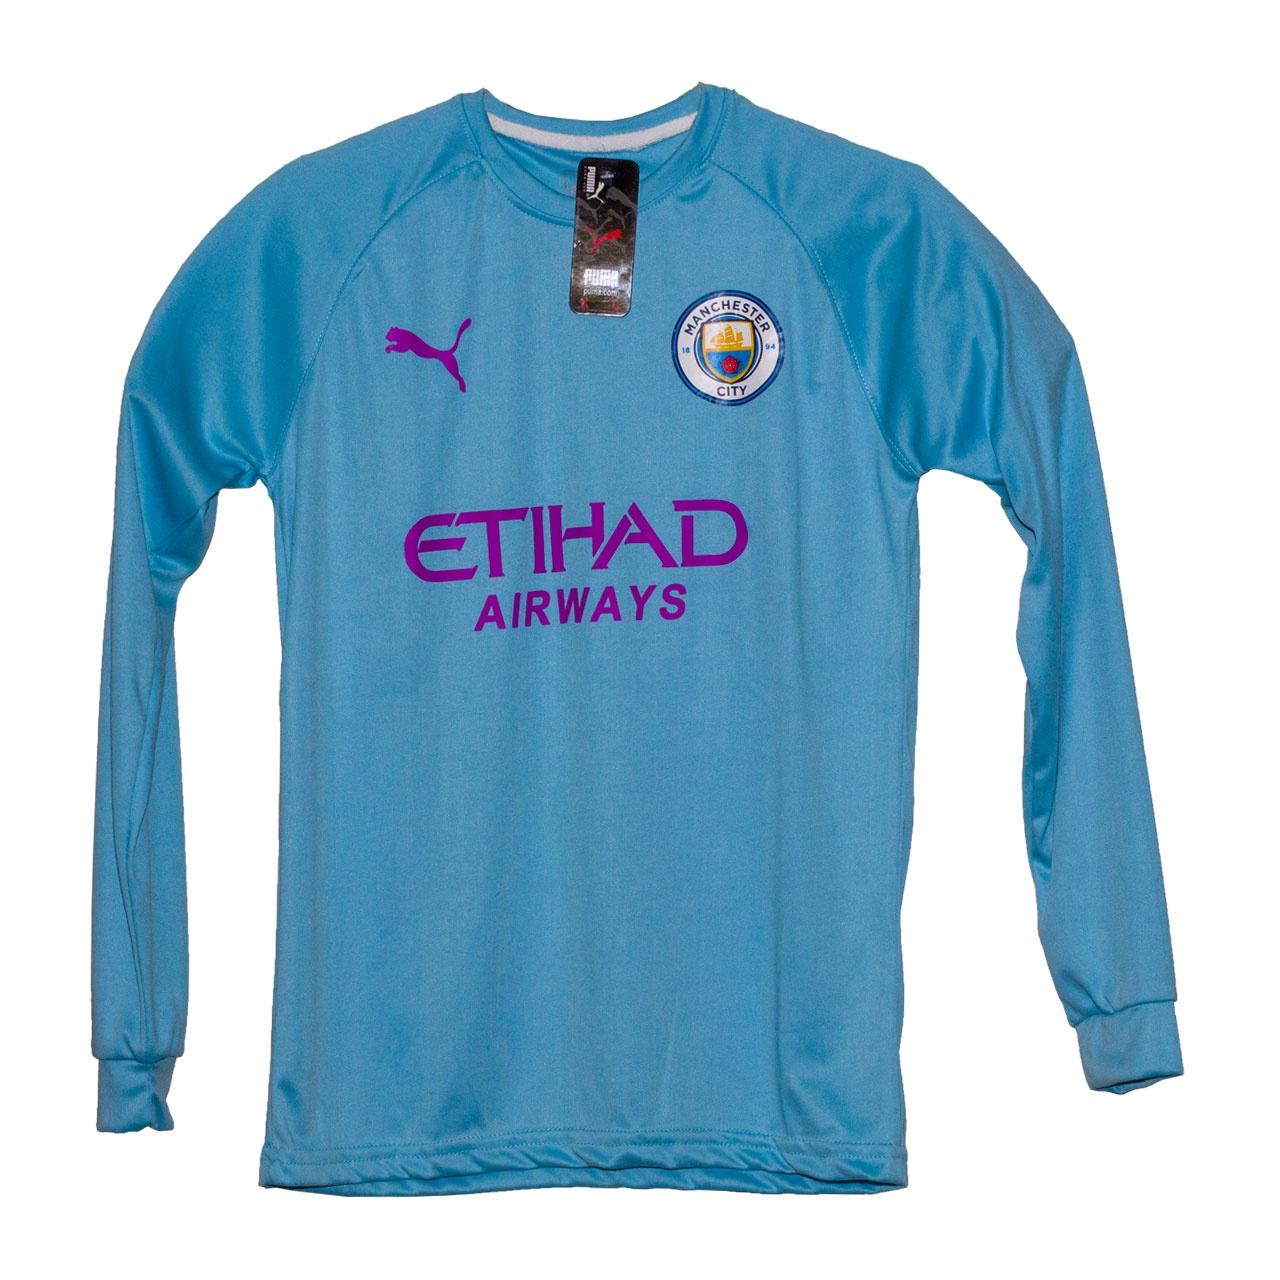 تی شرت ورزشی پسرانه طرح منچستر سیتی کد 09